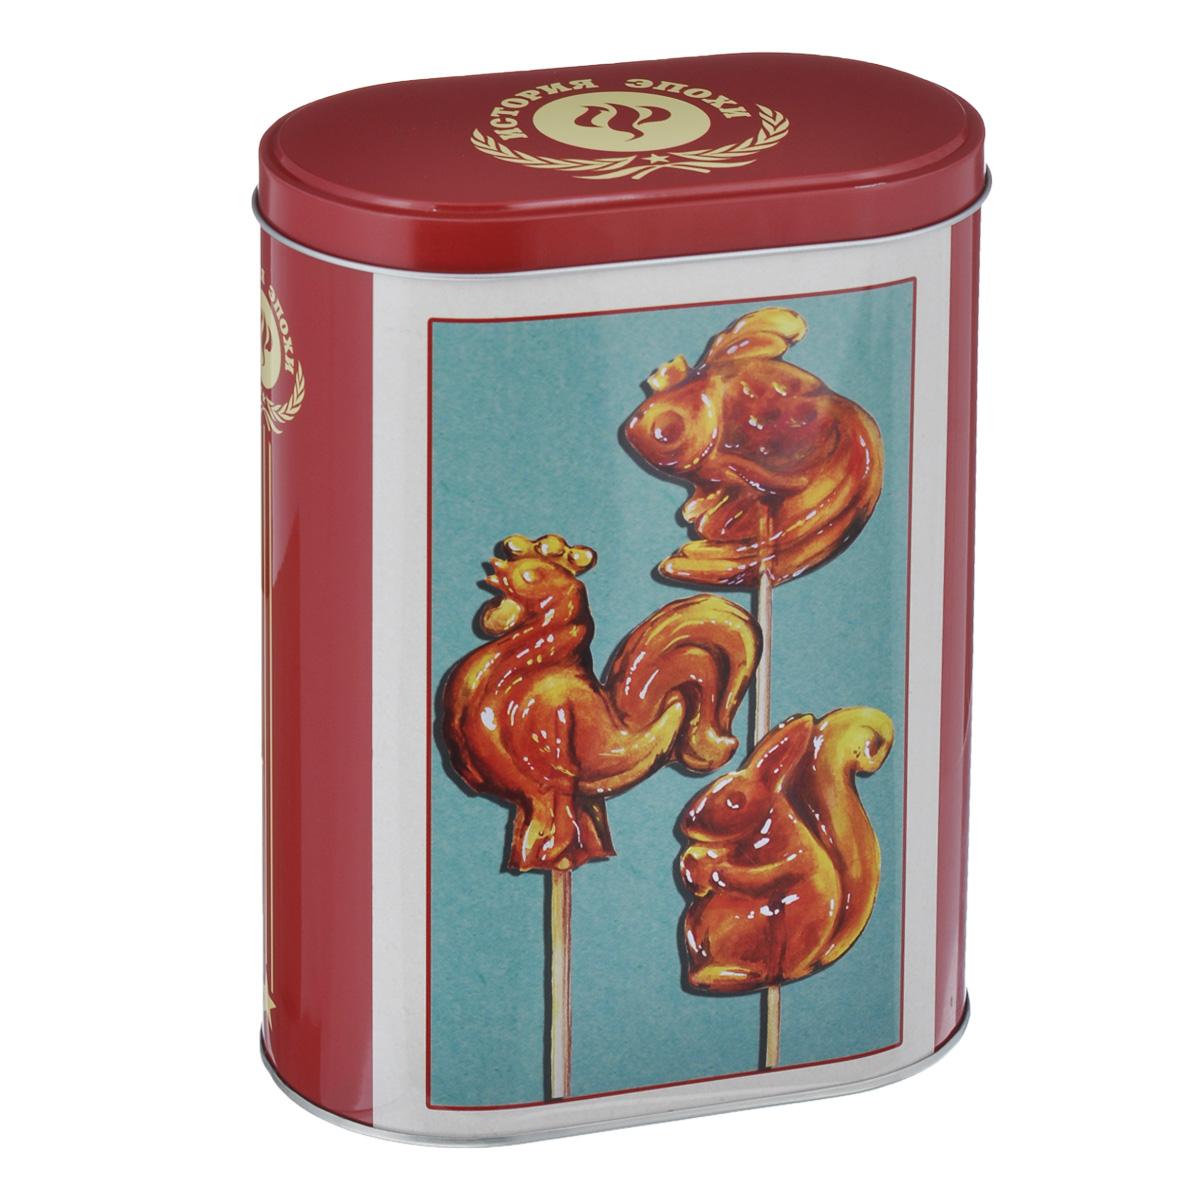 Банка для сыпучих продуктов Феникс-презент Петушки, 1,5 лVT-1520(SR)Банка для сыпучих продуктов Феникс-презент Петушки, изготовленная из металла, декорирована изображением леденцов-петушков. Банка оснащена плотно закрывающейся крышкой с откидным механизмом. Благодаря этому внутри сохраняется герметичность, и продукты дольше остаются свежими. Изделие предназначено для хранения различных сыпучих продуктов: круп, чая, сахара, орехов и многого другого. Функциональная и вместительная, такая банка станет незаменимым аксессуаром на любой кухне. Нельзя мыть в посудомоечной машине. Объем: 1,5 л.Размер (по верхнему краю): 13,5 см х 7,5 см.Высота банки (без учета крышки): 19 см.